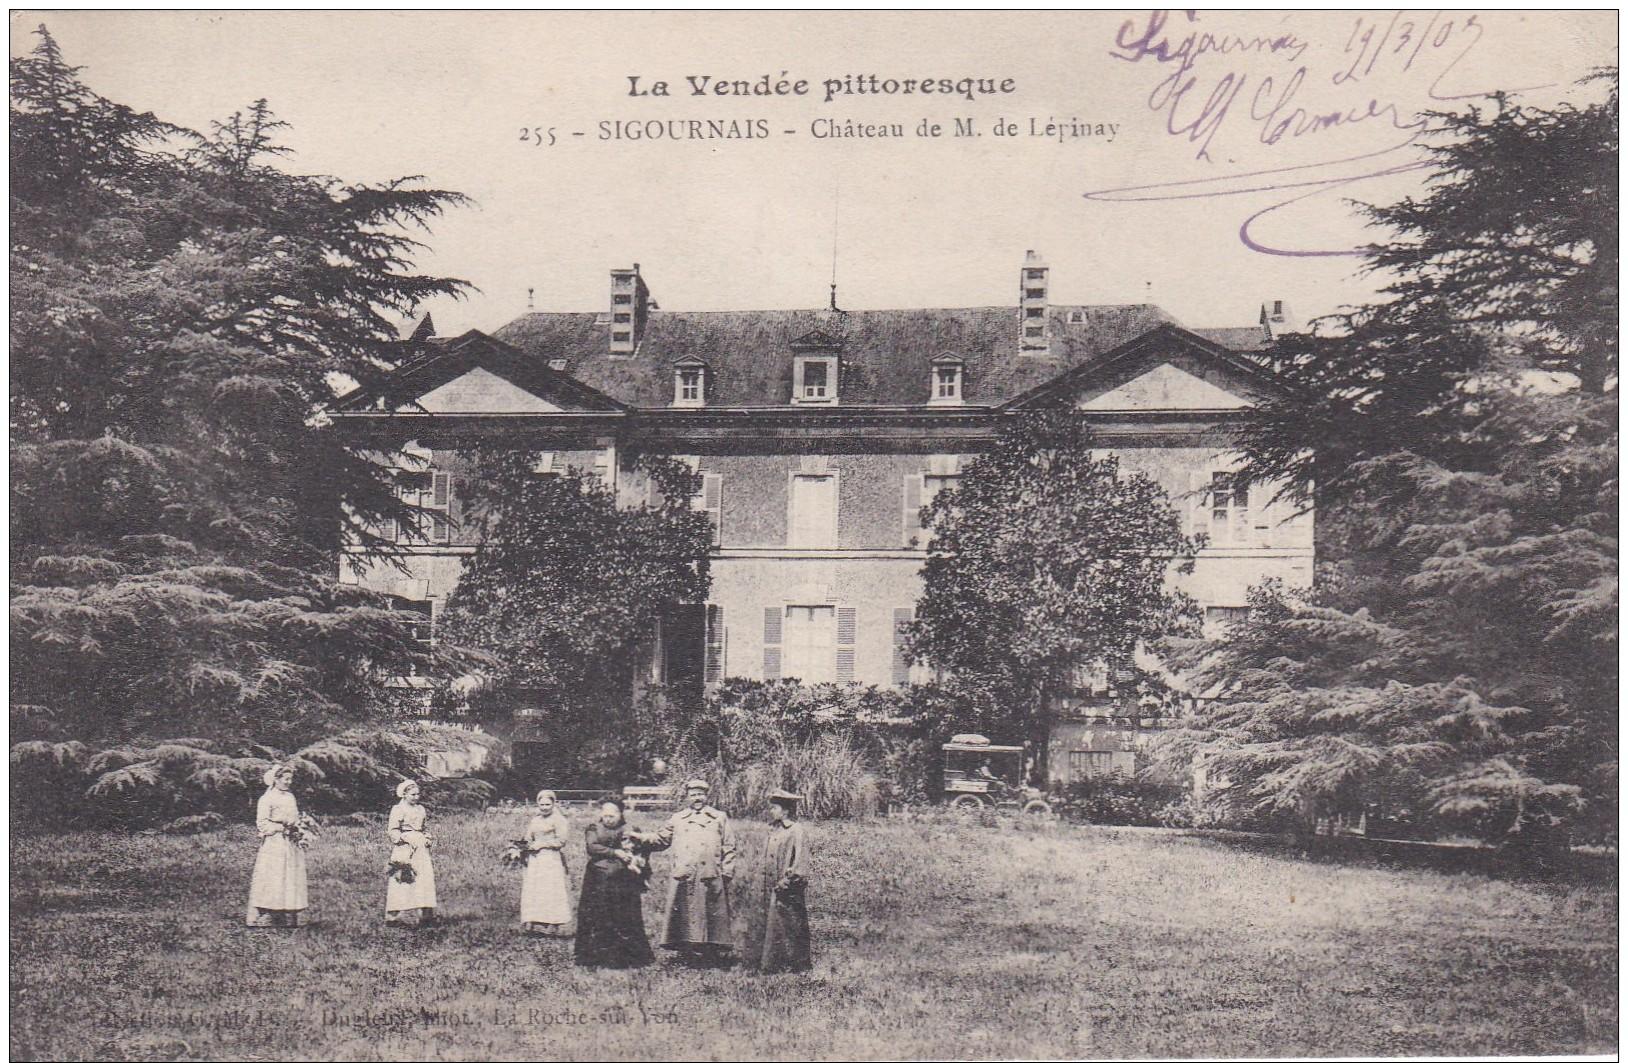 D22 - 85 - Sigournais - Vendée - Château De M. De Lépinay - La Vendée Pittoresque N° 255 - France